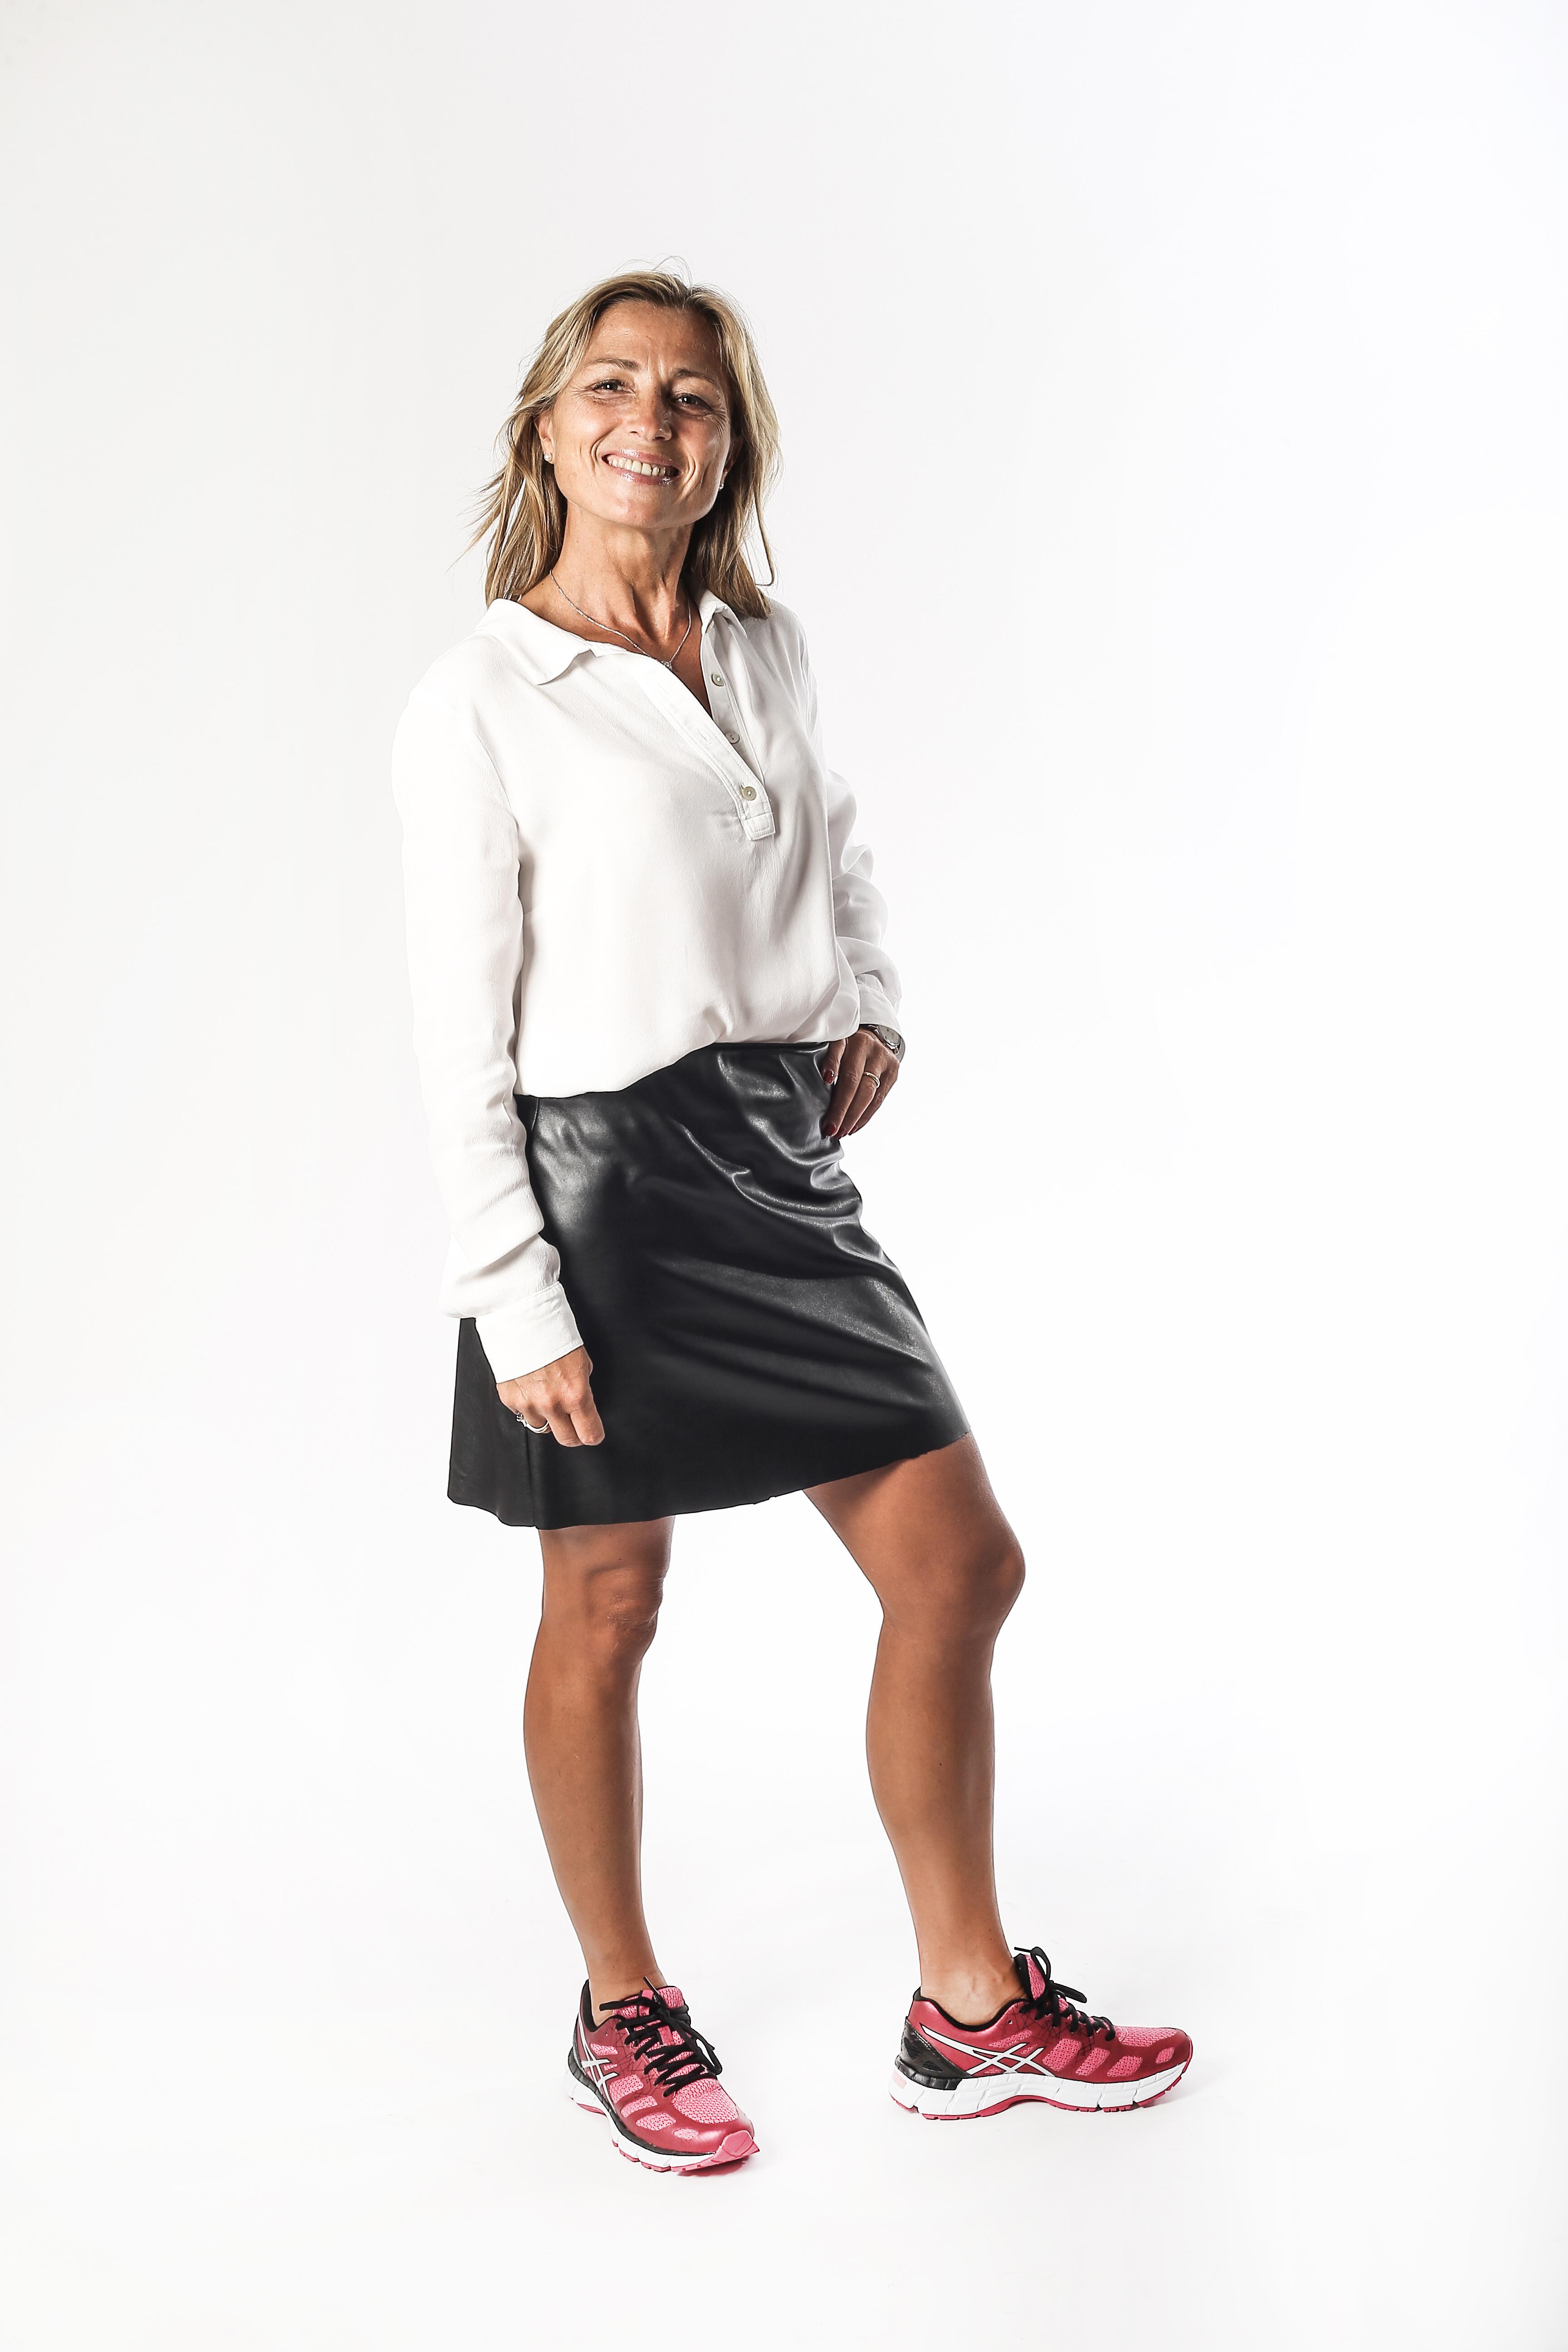 Ivana Di Martino, ultramaratoneta e testimonial Allenarsi per il Futuro